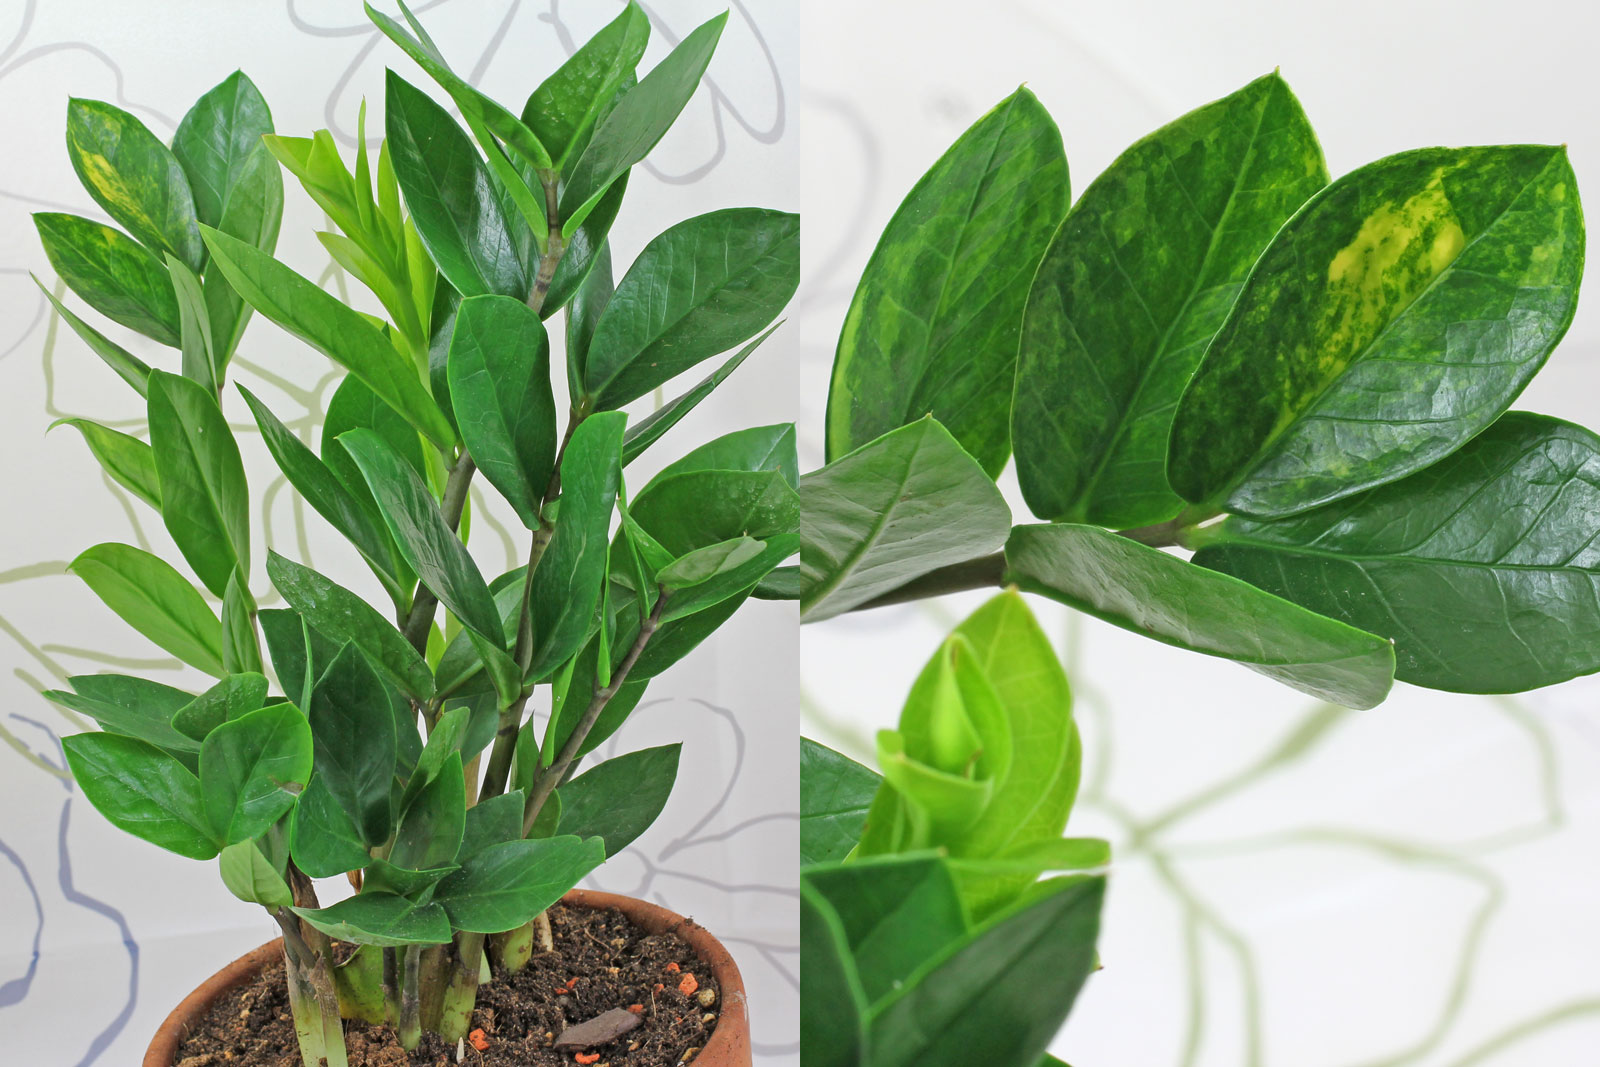 Zamioculcas zamiifolia panaschiert